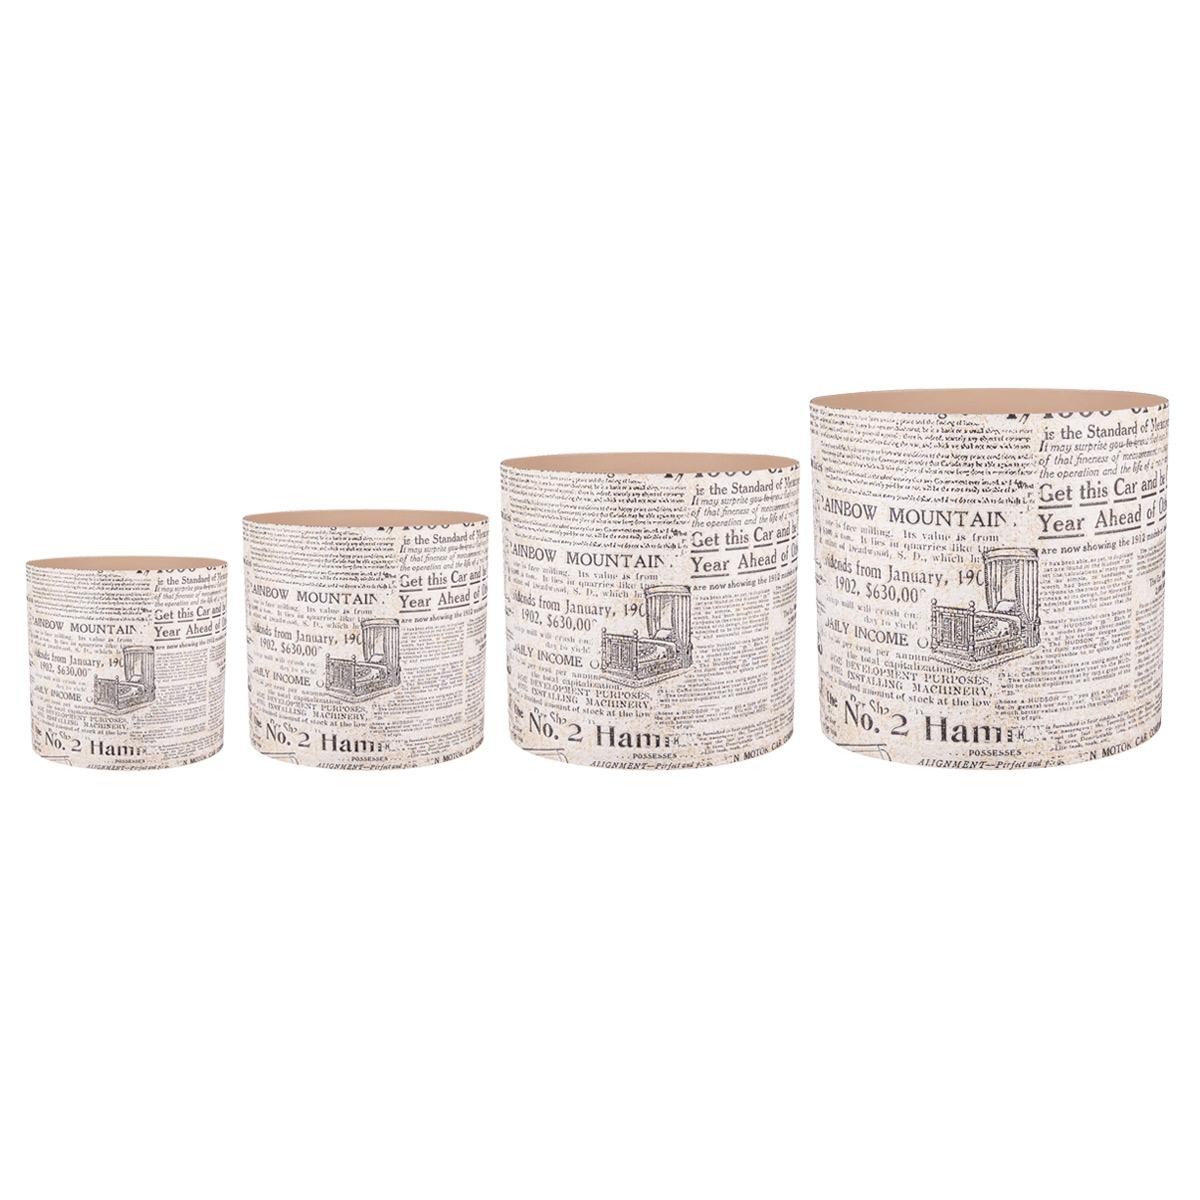 Набор горшков для цветов Miolla Газетный стиль, со скрытым поддоном, 4 предметаSS 4041Набор Miolla Газетный стиль состоит из 4 горшков со скрытыми поддонами. Горшкивыполнены из пластика и декорированы красочным рисунком. Изделия предназначены для цветов.Такие изделия часто становятся последним штрихом, который совершенно изменяет интерьер помещения или ландшафтный дизайн сада. Благодаря такому набору вы сможете украсить вашу комнату, офис, сад и другие места. Изделия оснащены специальными скрытыми поддонами.Диаметр горшков: 20,5 см, 16,5 см, 13,5 см, 11,5 см.Высота горшков (с учетом поддона): 19 см, 16 см, 13,5 см, 11,5 см.Объем горшков: 1 л, 1,7 л, 2,8 л, 5,1 л.